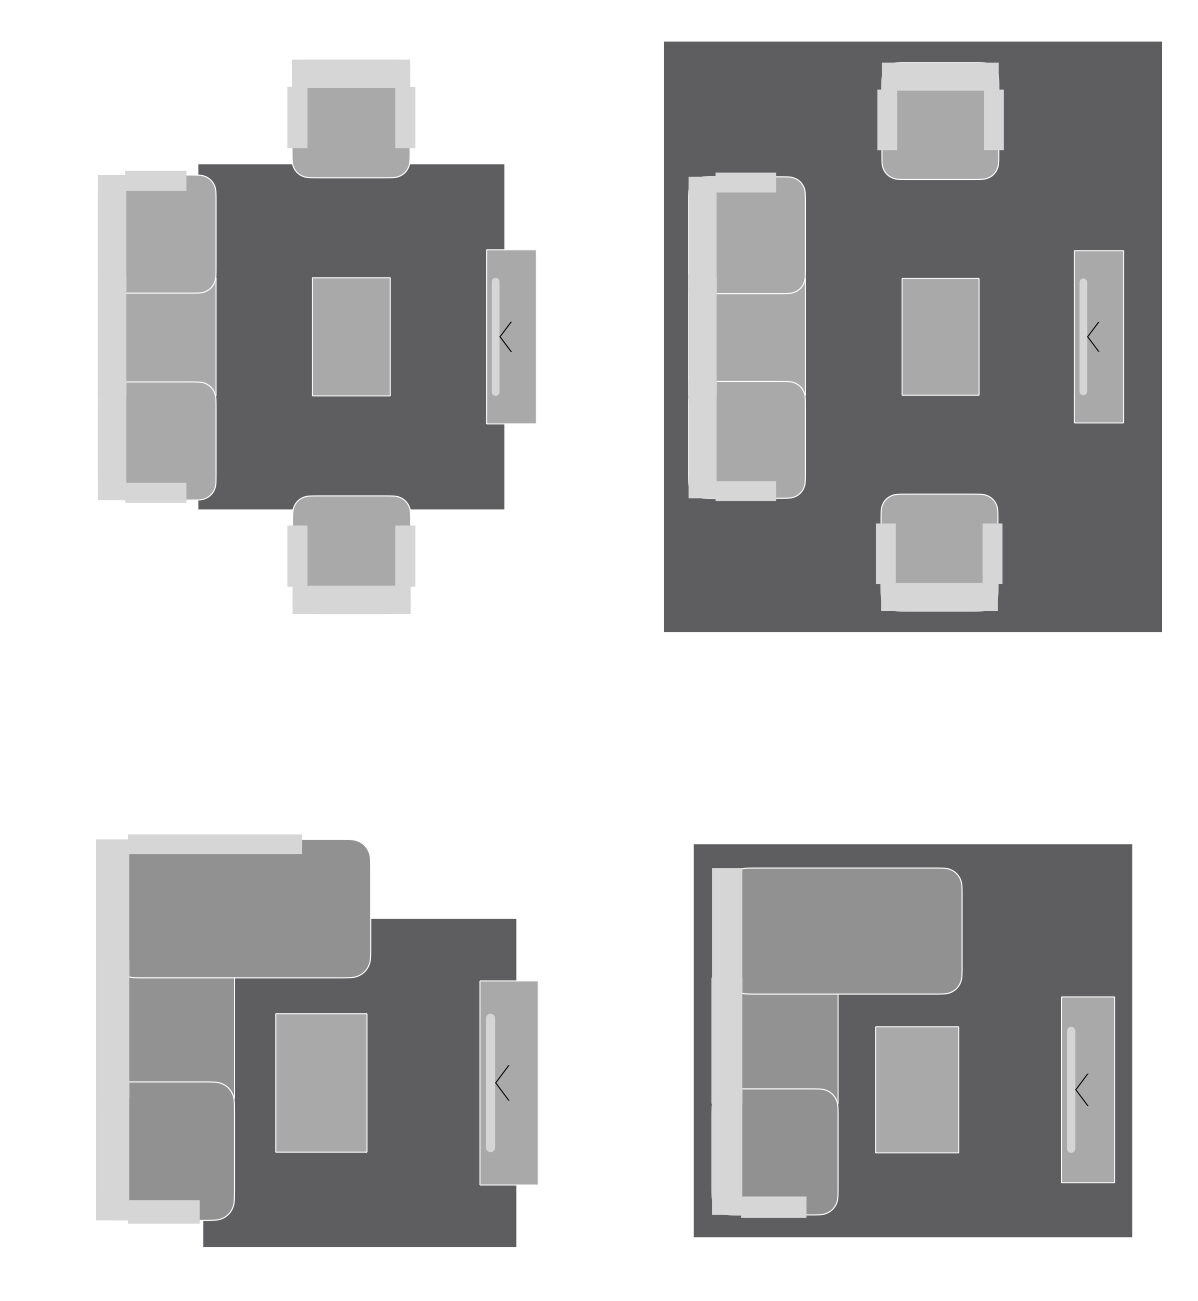 bien choisir taille format tapis salon meuble design Bobochic